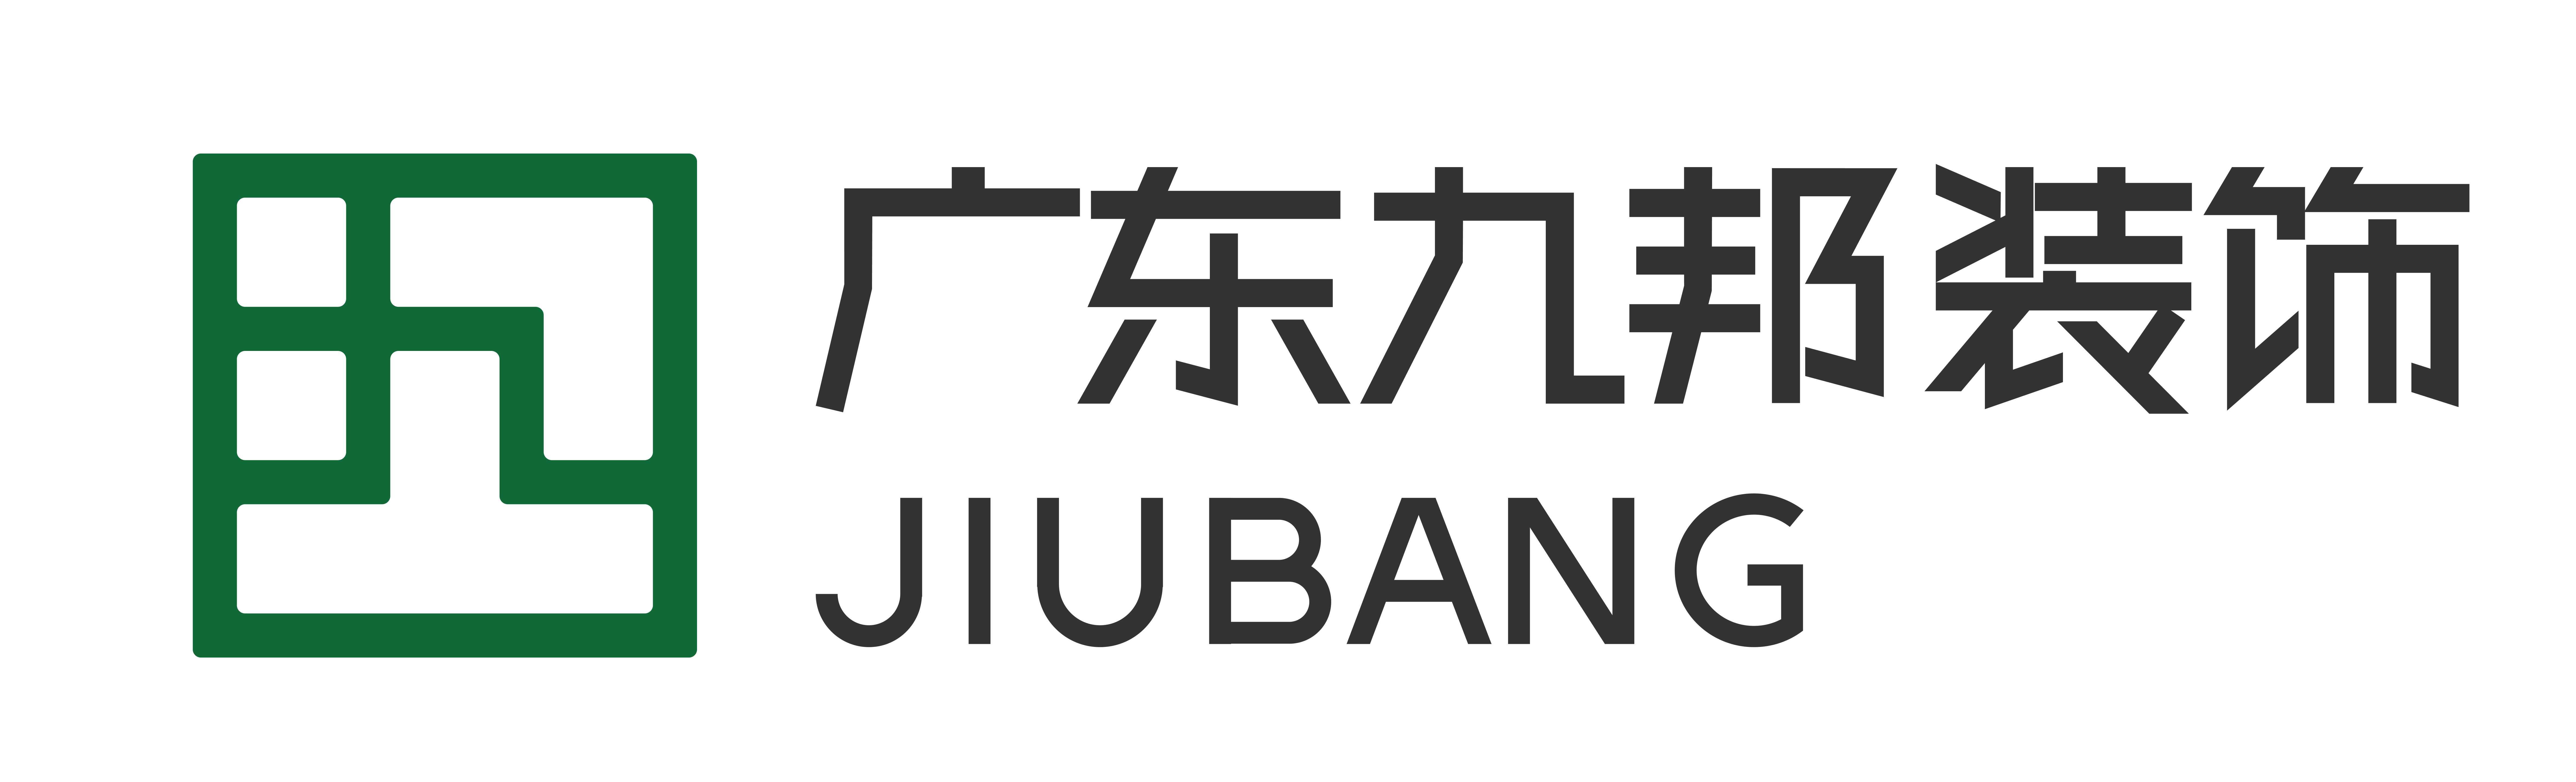 广东九邦装饰设计工程有限公司